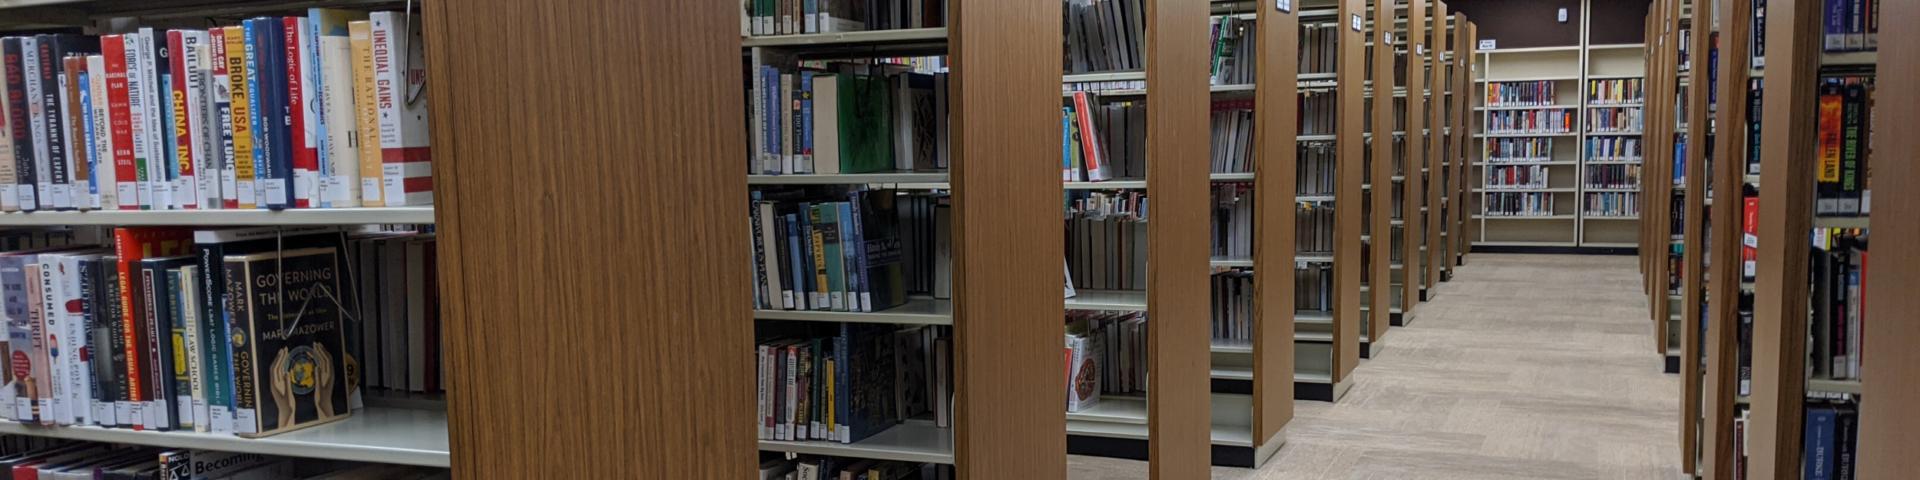 Rosenberg Library Book Stacks